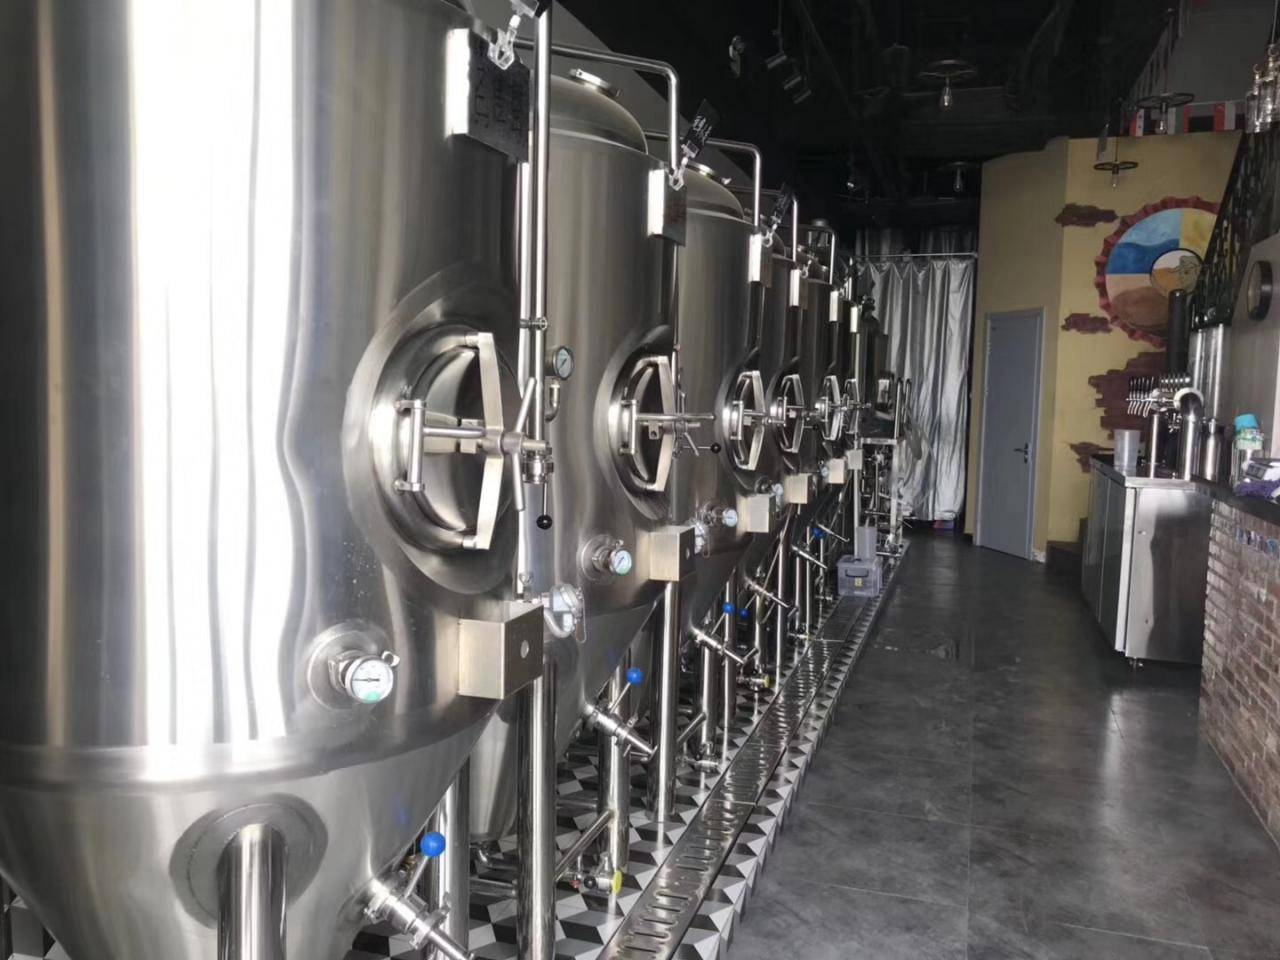 四川精酿啤酒设备多少钱-一台小型精酿啤酒设备要多少钱?-大麦丫-精酿啤酒连锁超市,工厂店平价酒吧免费加盟